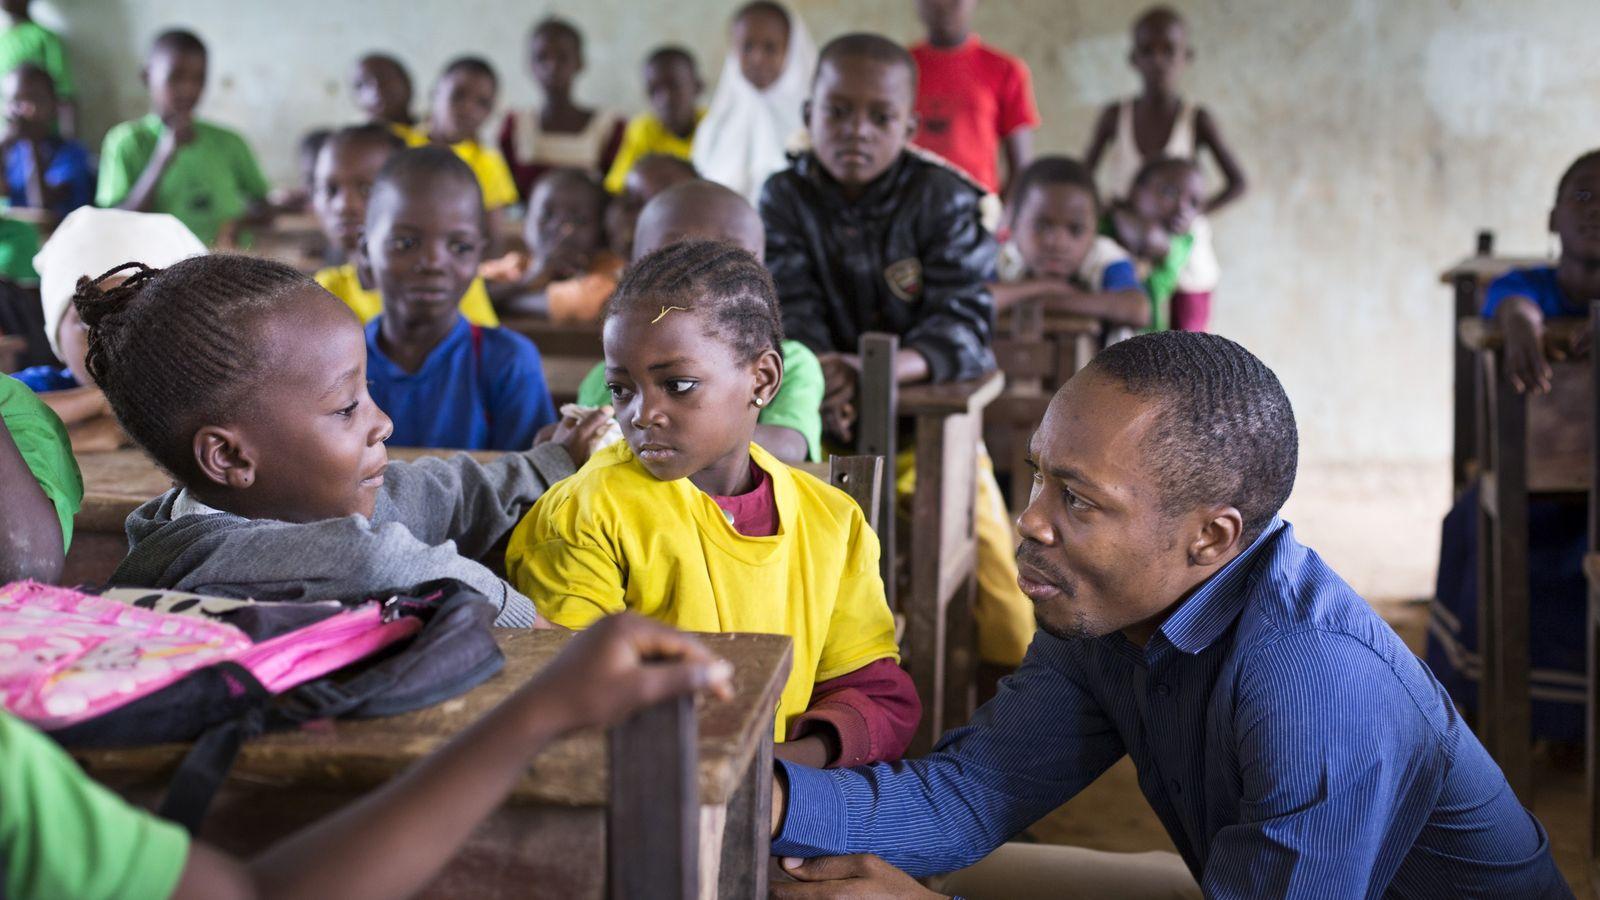 Oscar Ekponimo visite une école primaire au Nigeria, où les élèves n'ont pas suffisamment à manger. ...